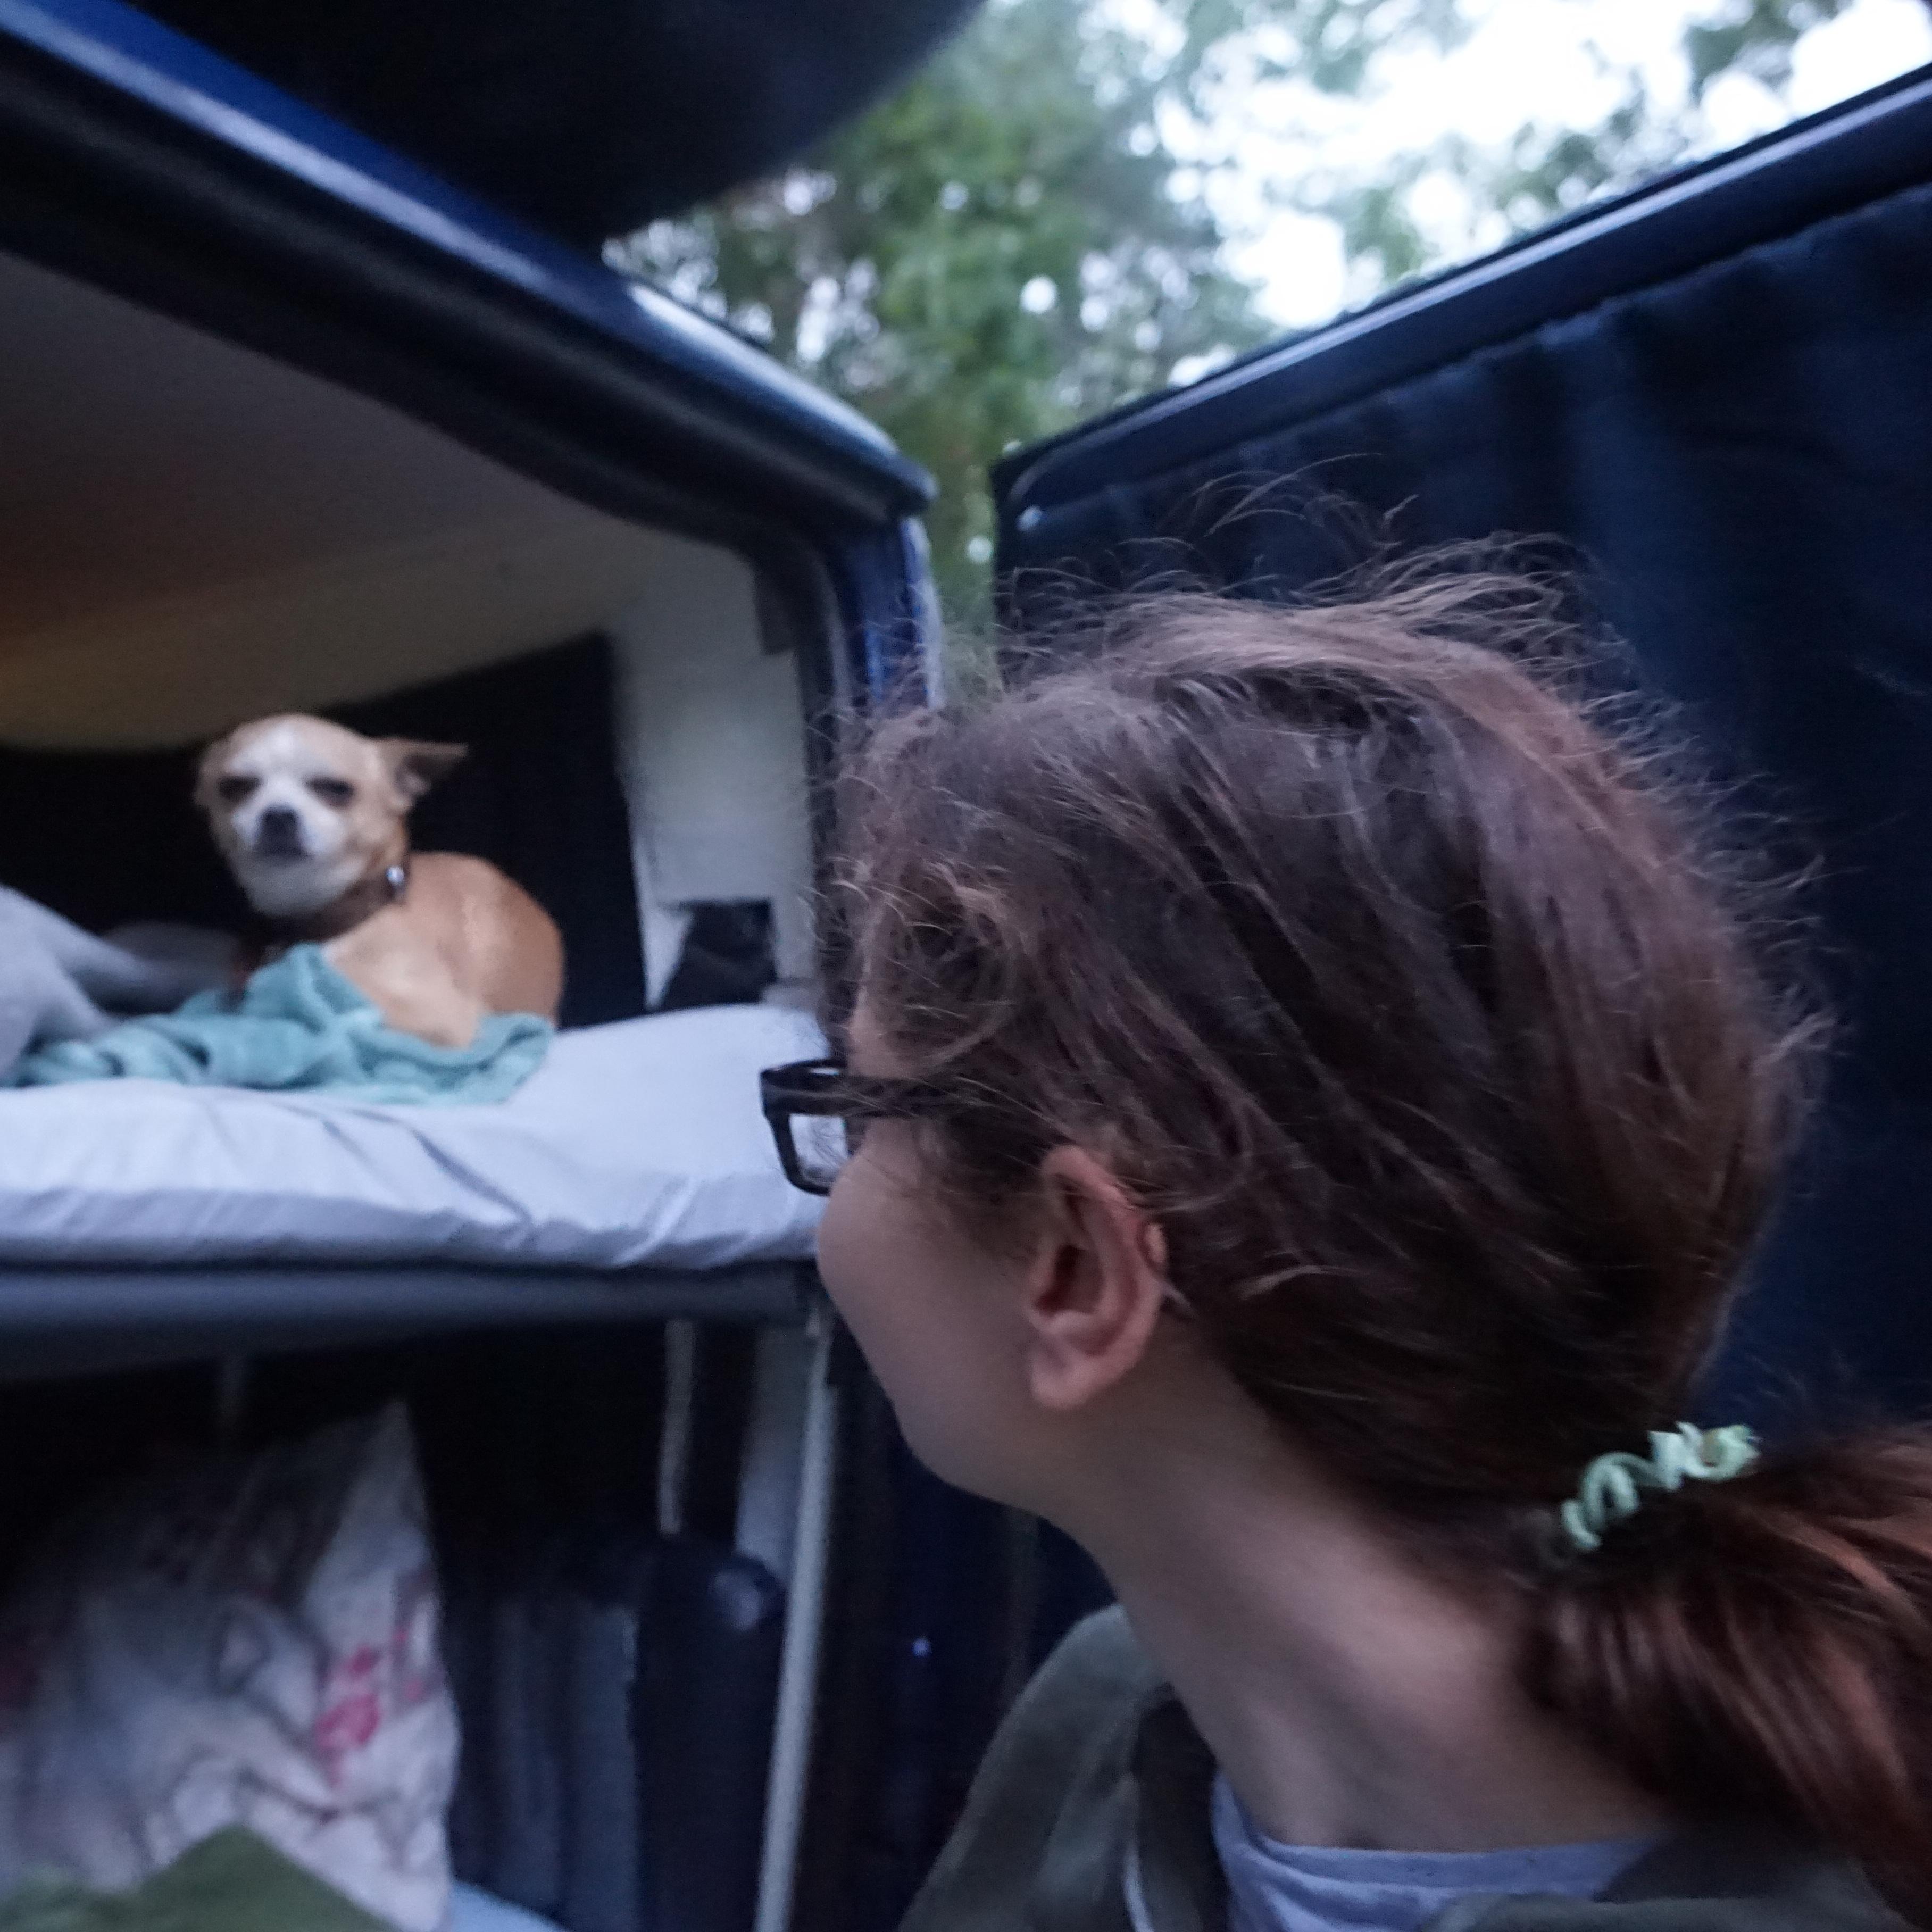 Dog on camper van bed